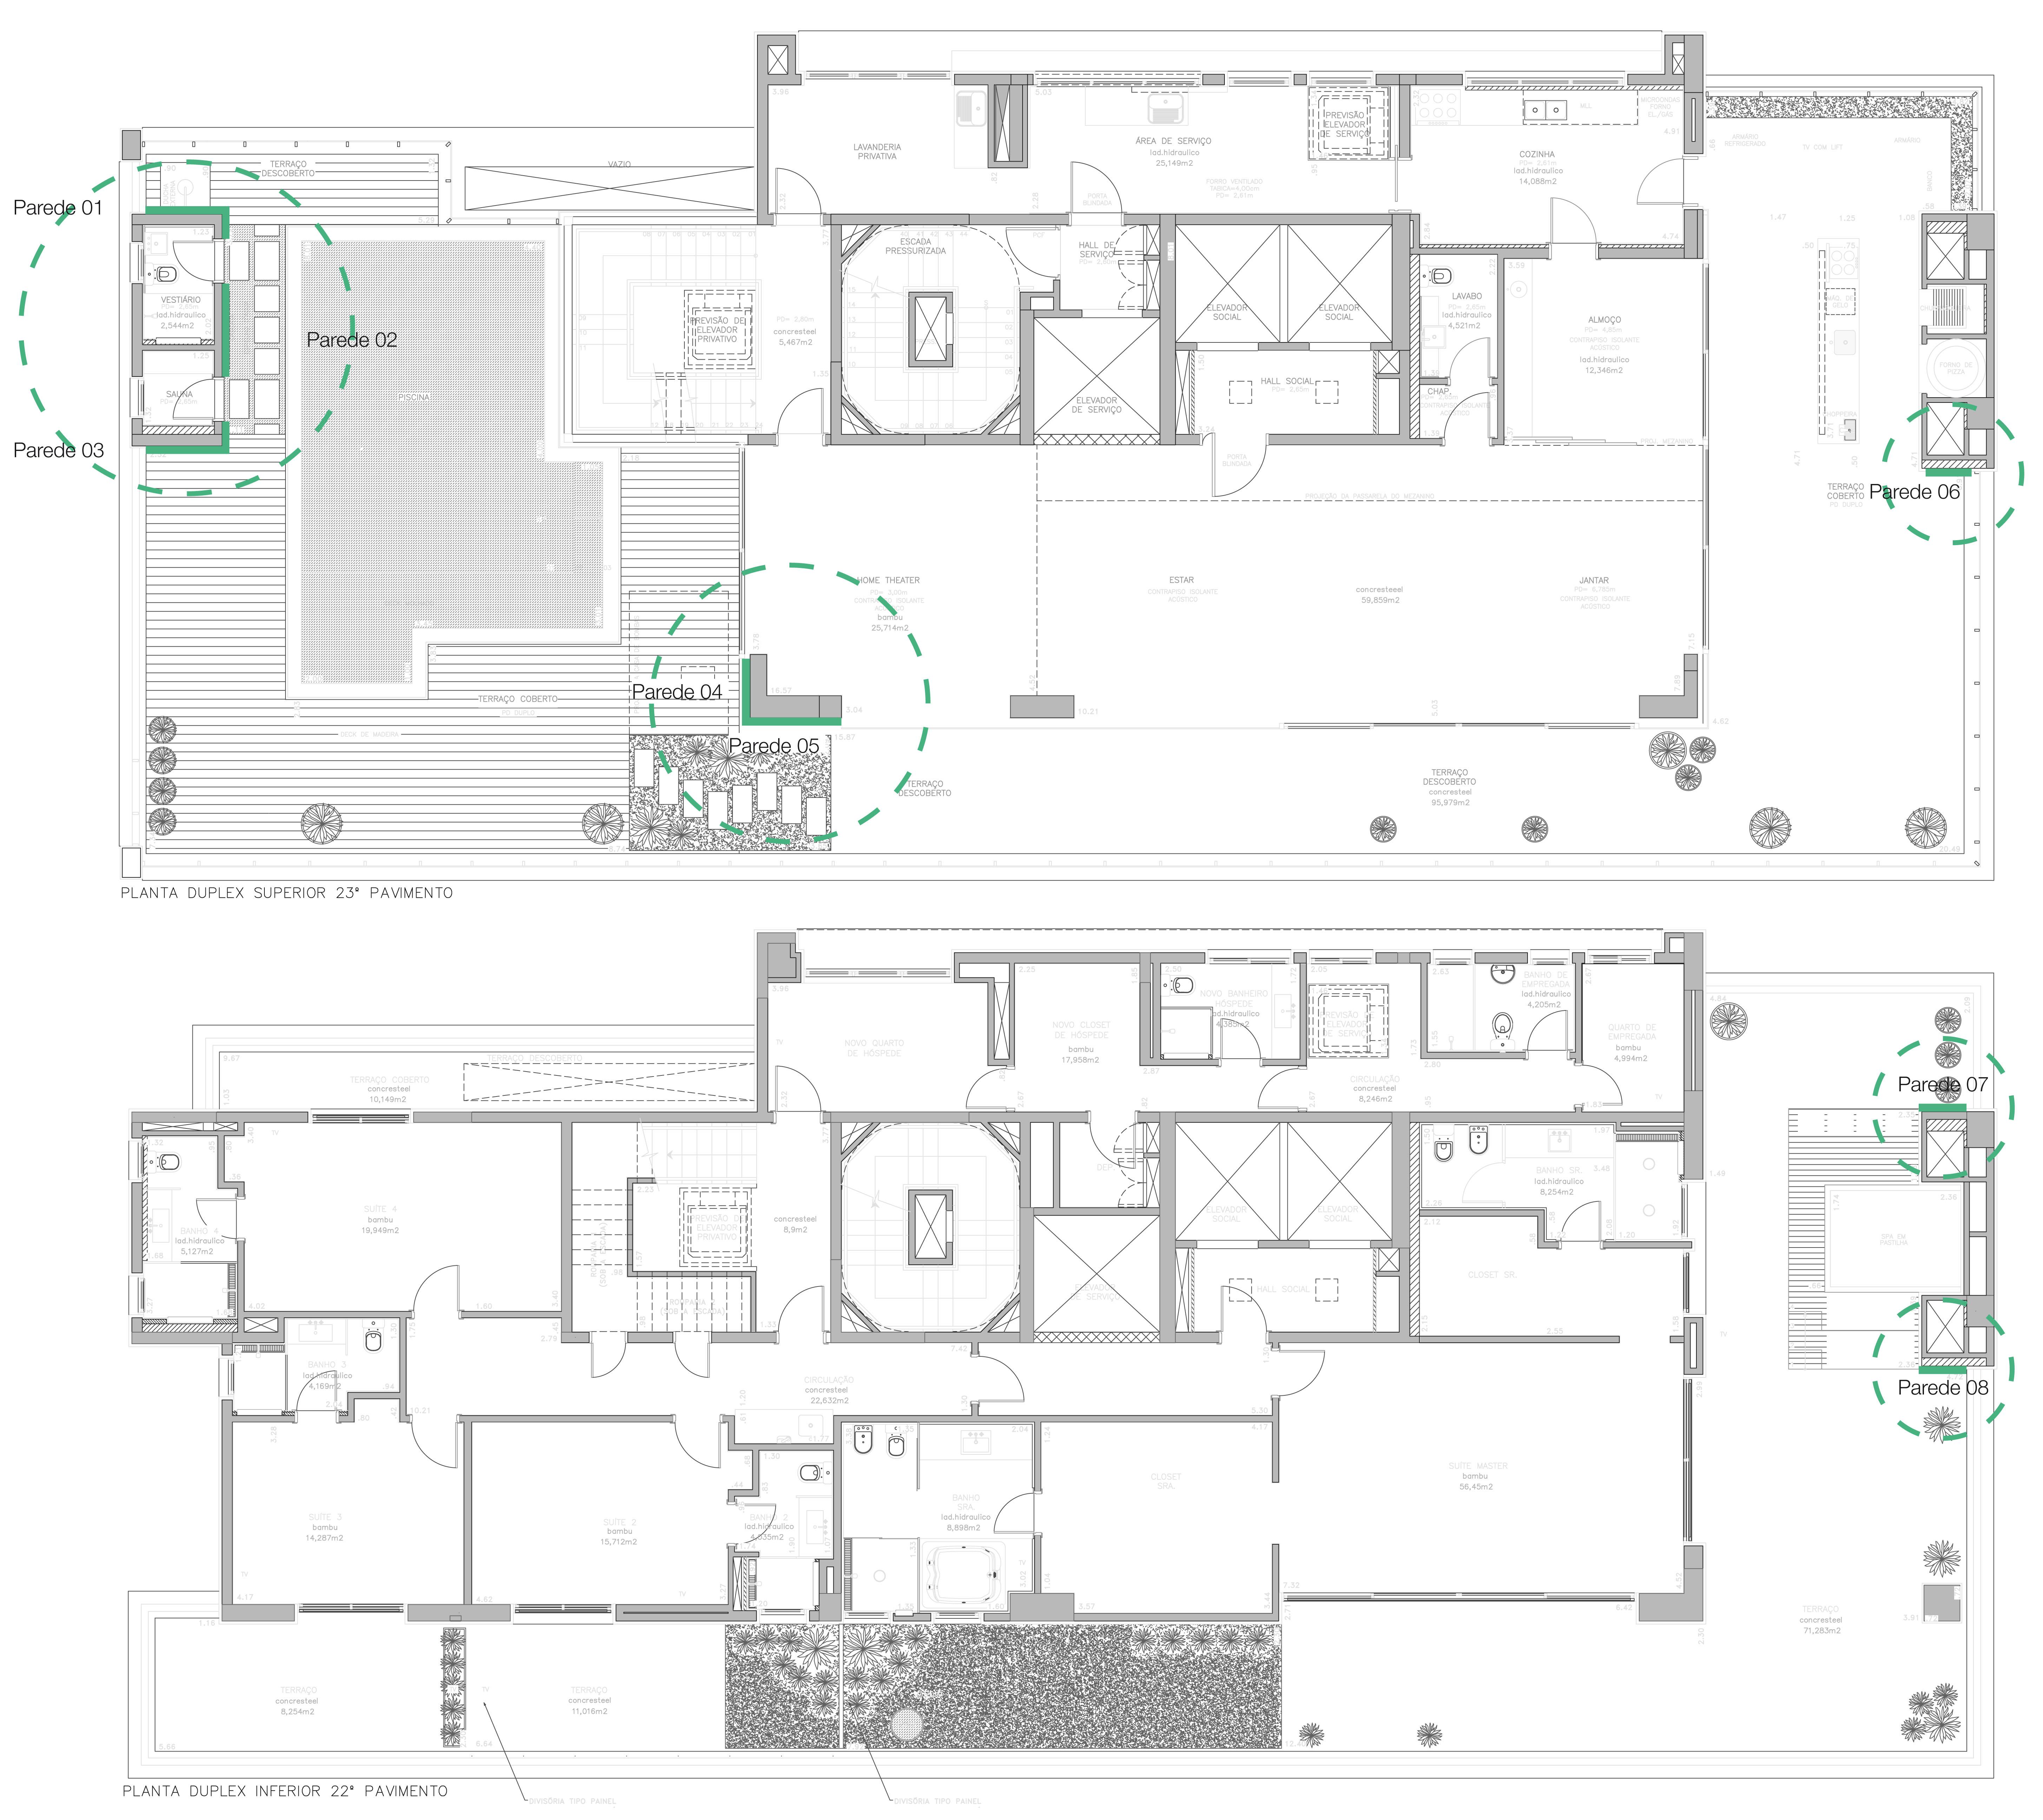 arquitetura-sustentavel-parede-verde